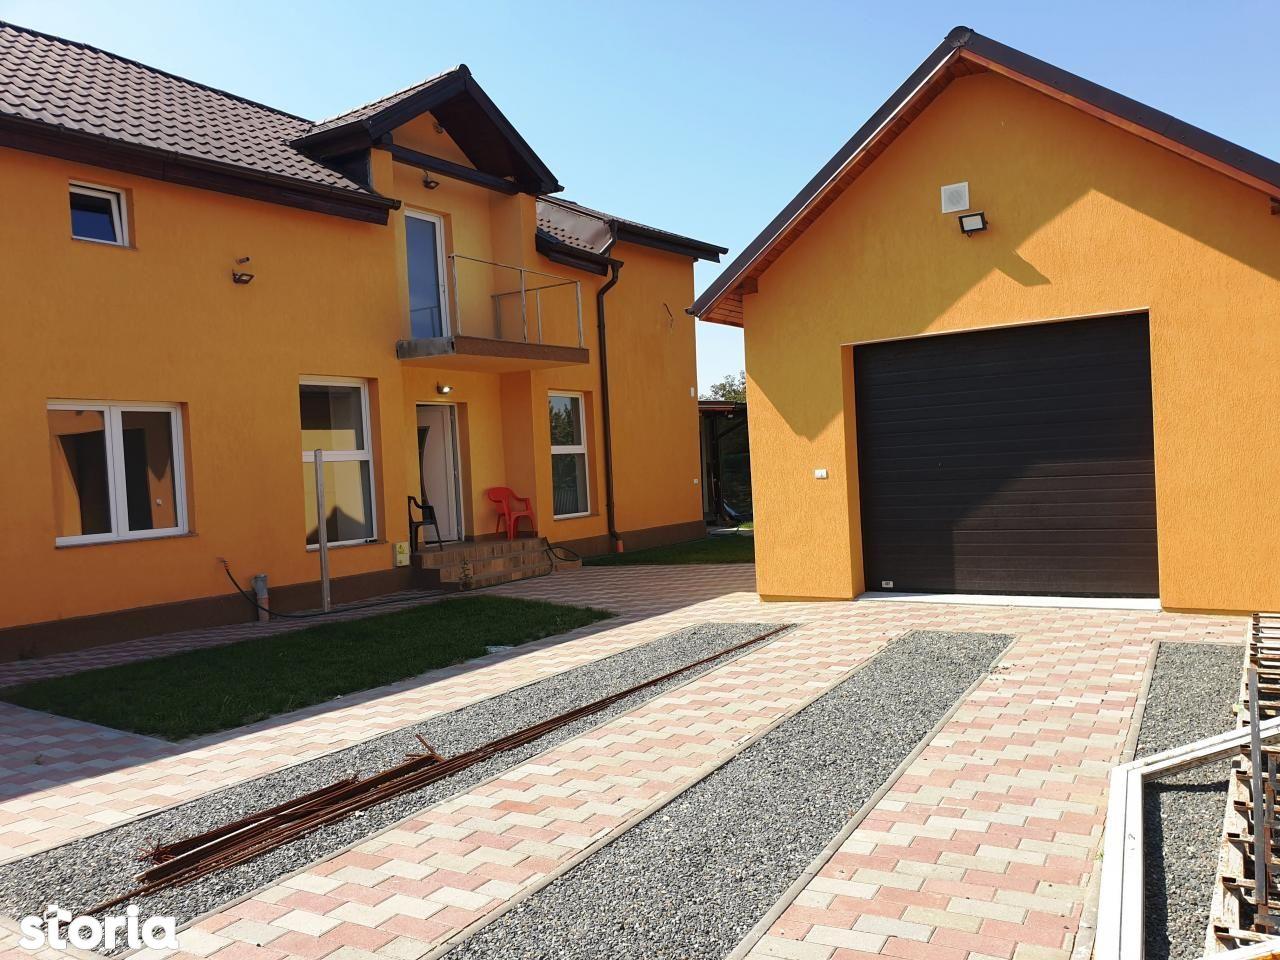 Casa noua Sannicolaumic Arad spatioasa finisata libera